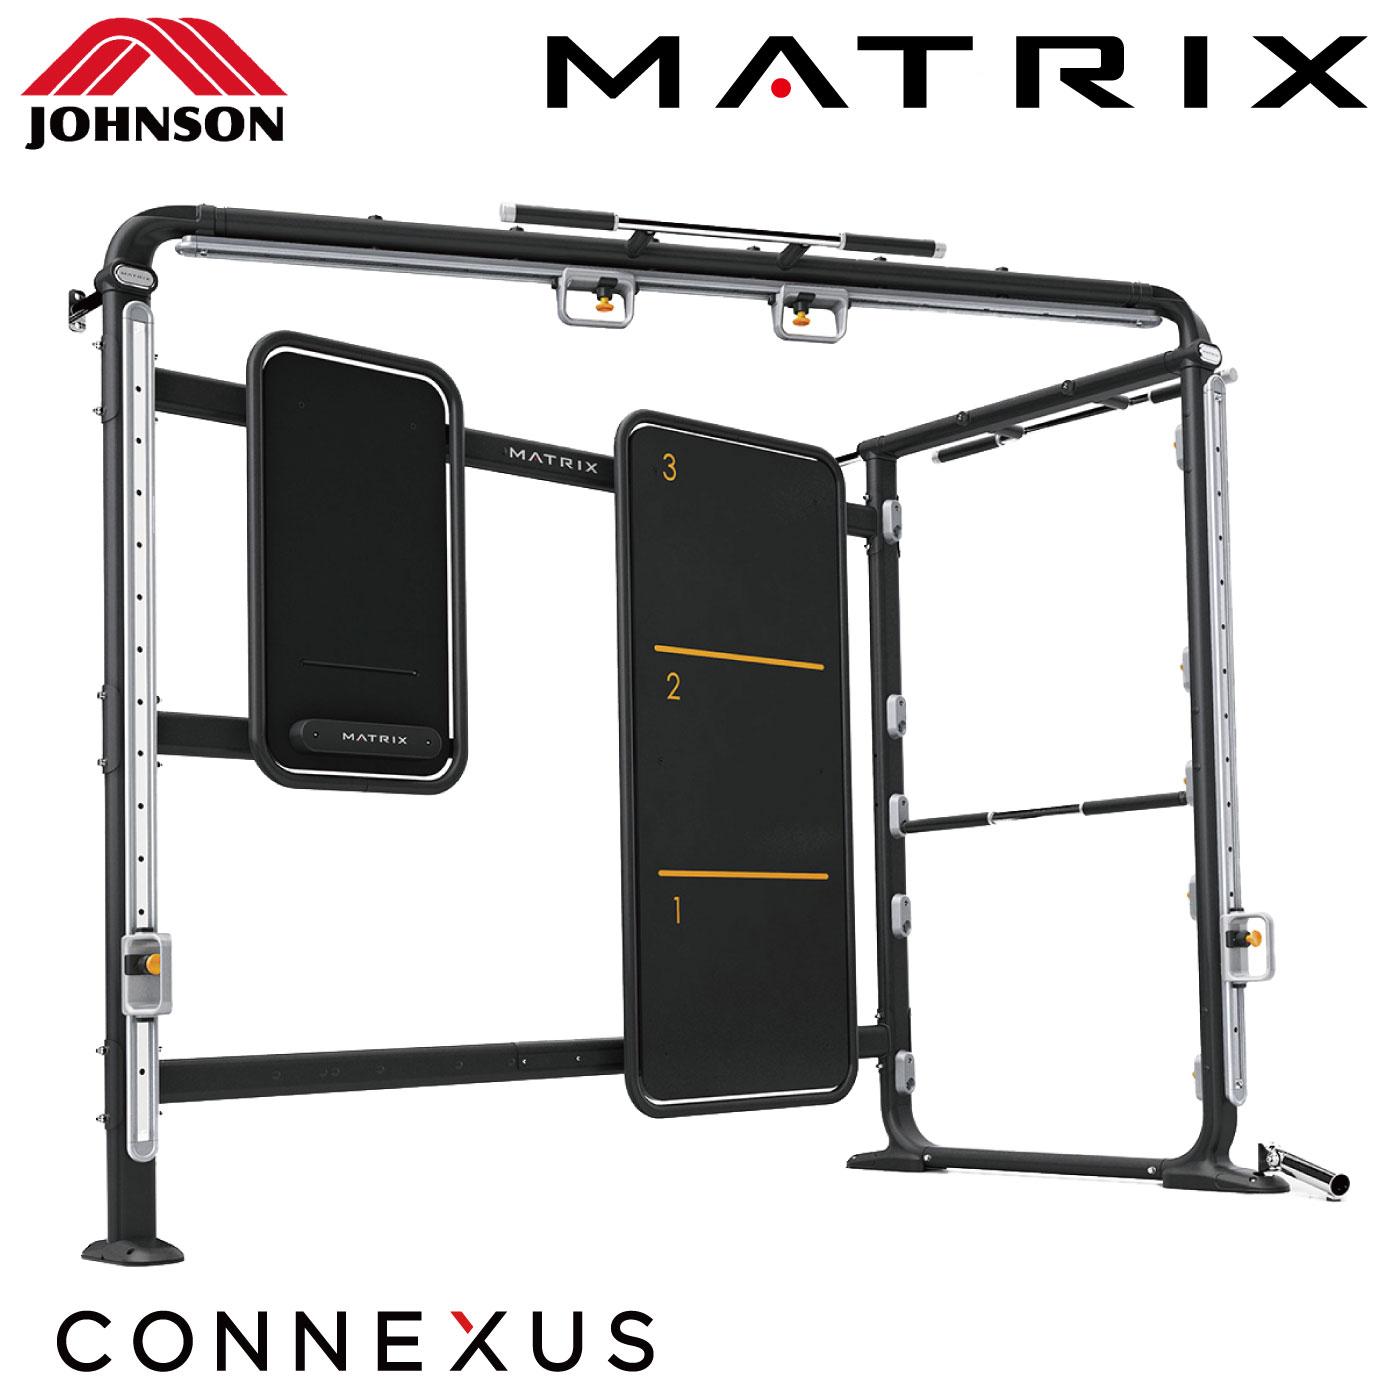 ウォールマウント〈CONNEXUS(コネクサス)〉/業務用ファンクショナルトレーナー〈業務用MATRIX〉《ジョンソンヘルステック》